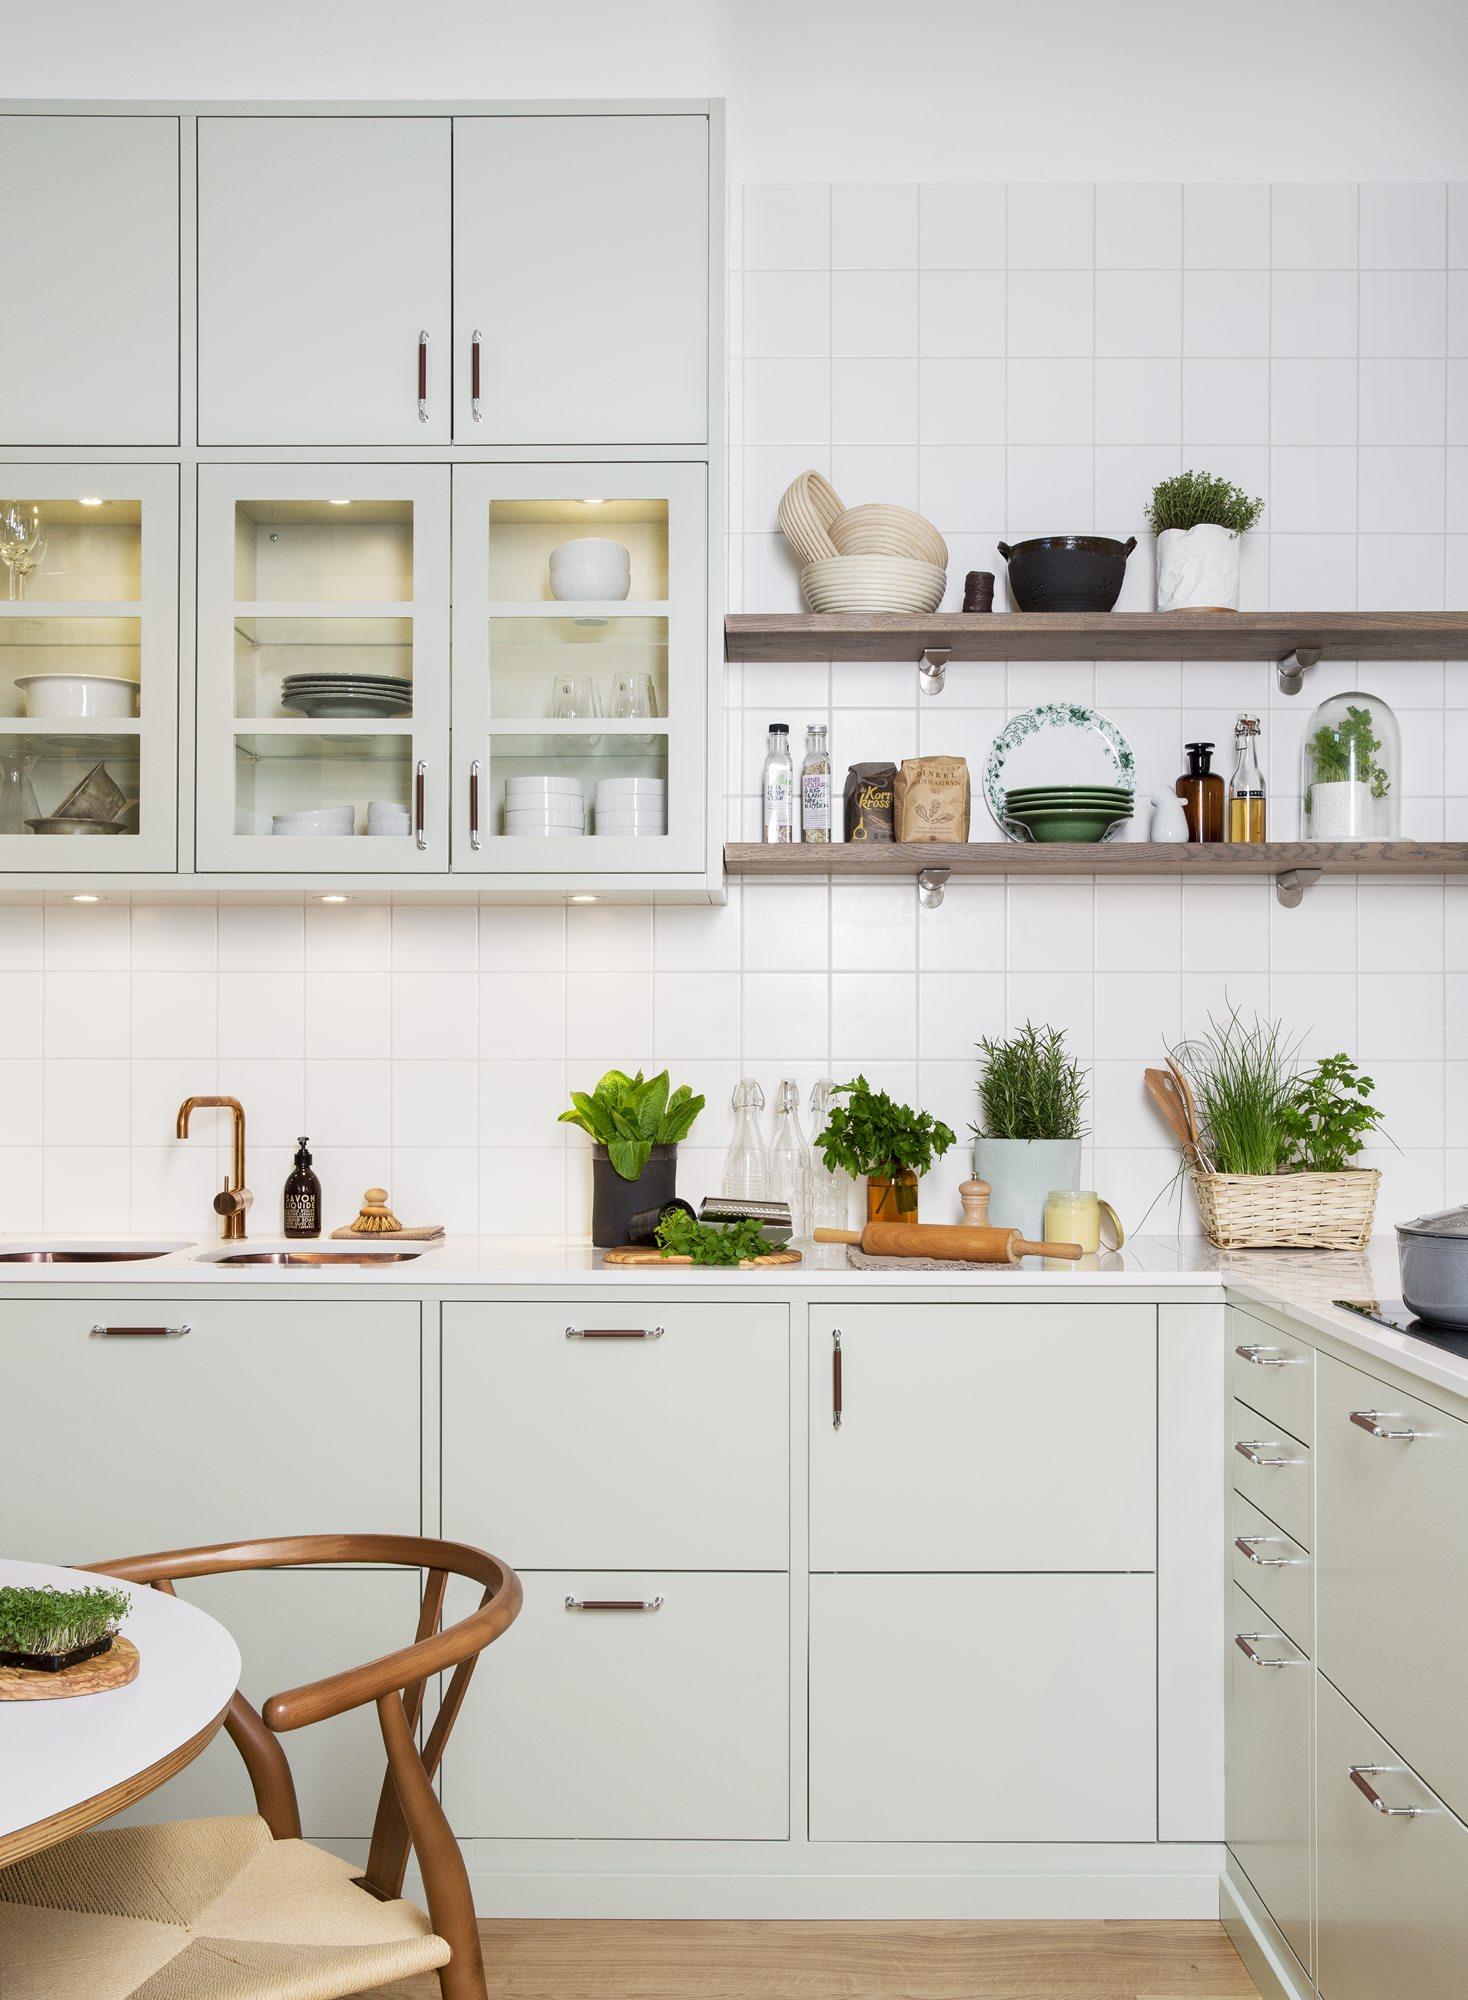 TREND: Kjøkkeninnredningen Bistro i vakker lindeblomstgrønn farge symboliserer en aktuell kjøkkentrend som er inspirert av naturen. FOTO: Ballingslöv Bistro